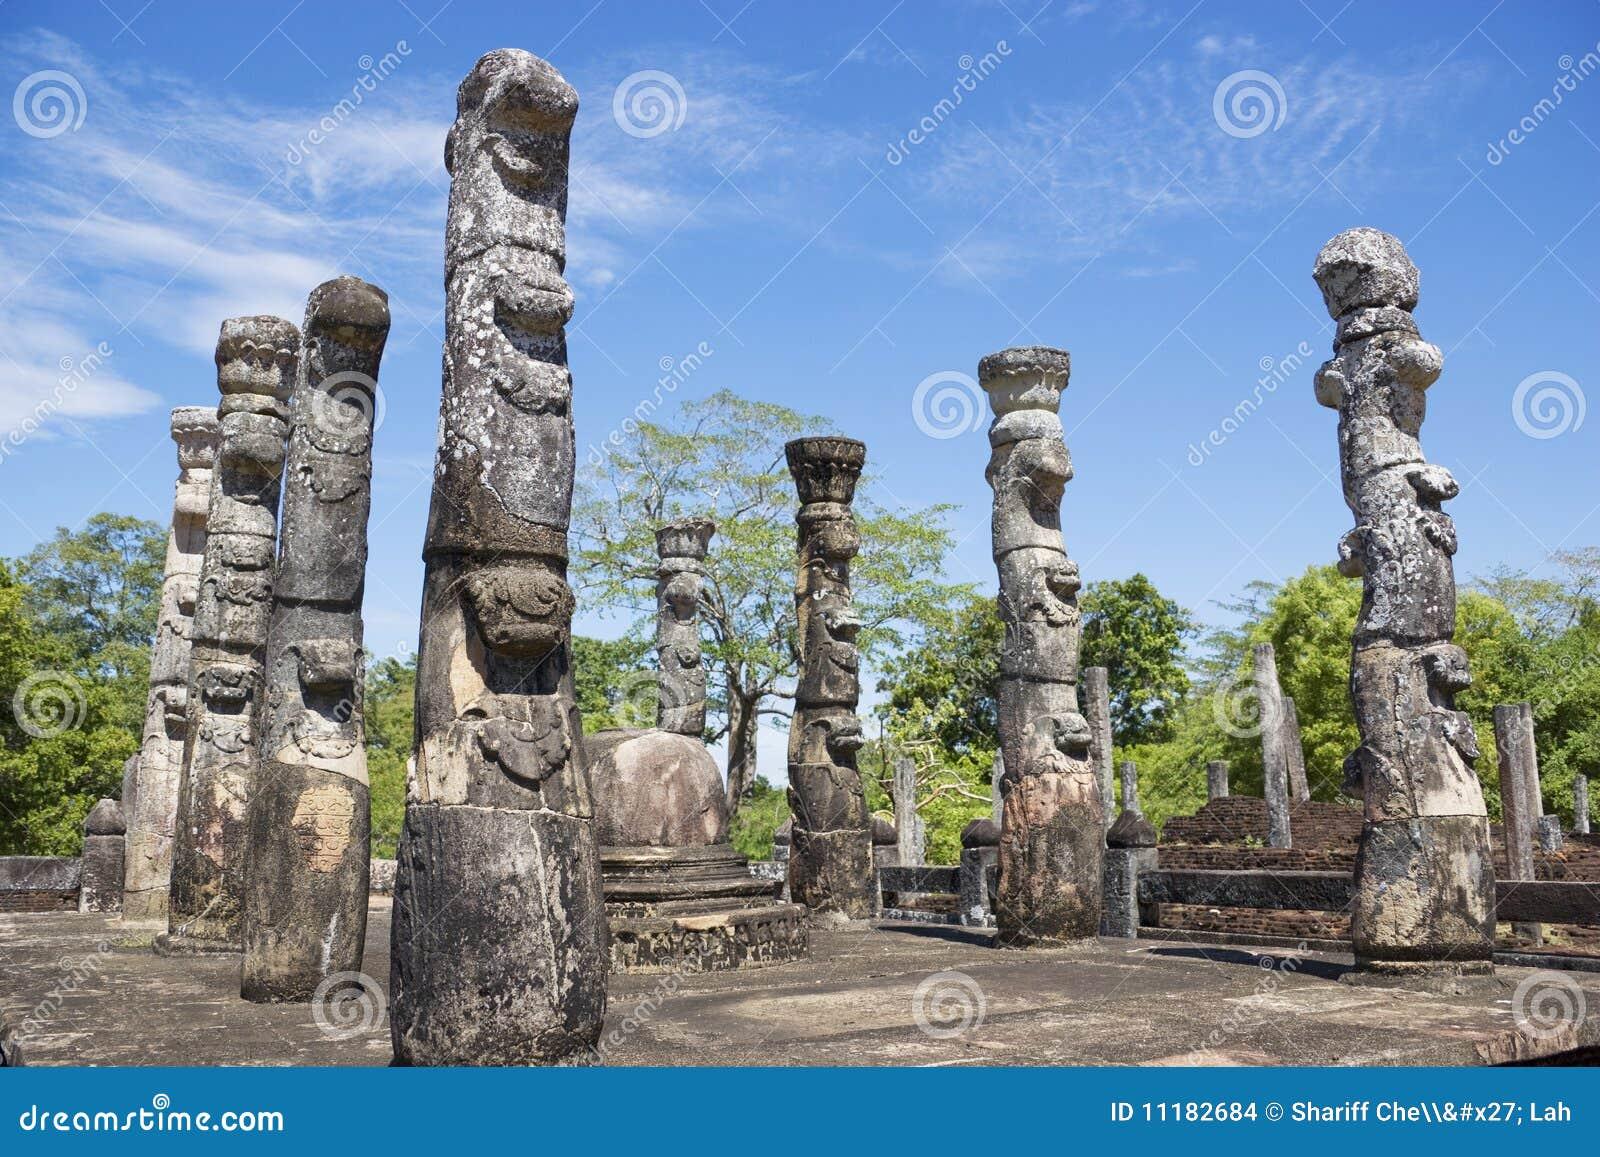 Lanka mandapa nissankalata polonnaruwa sri